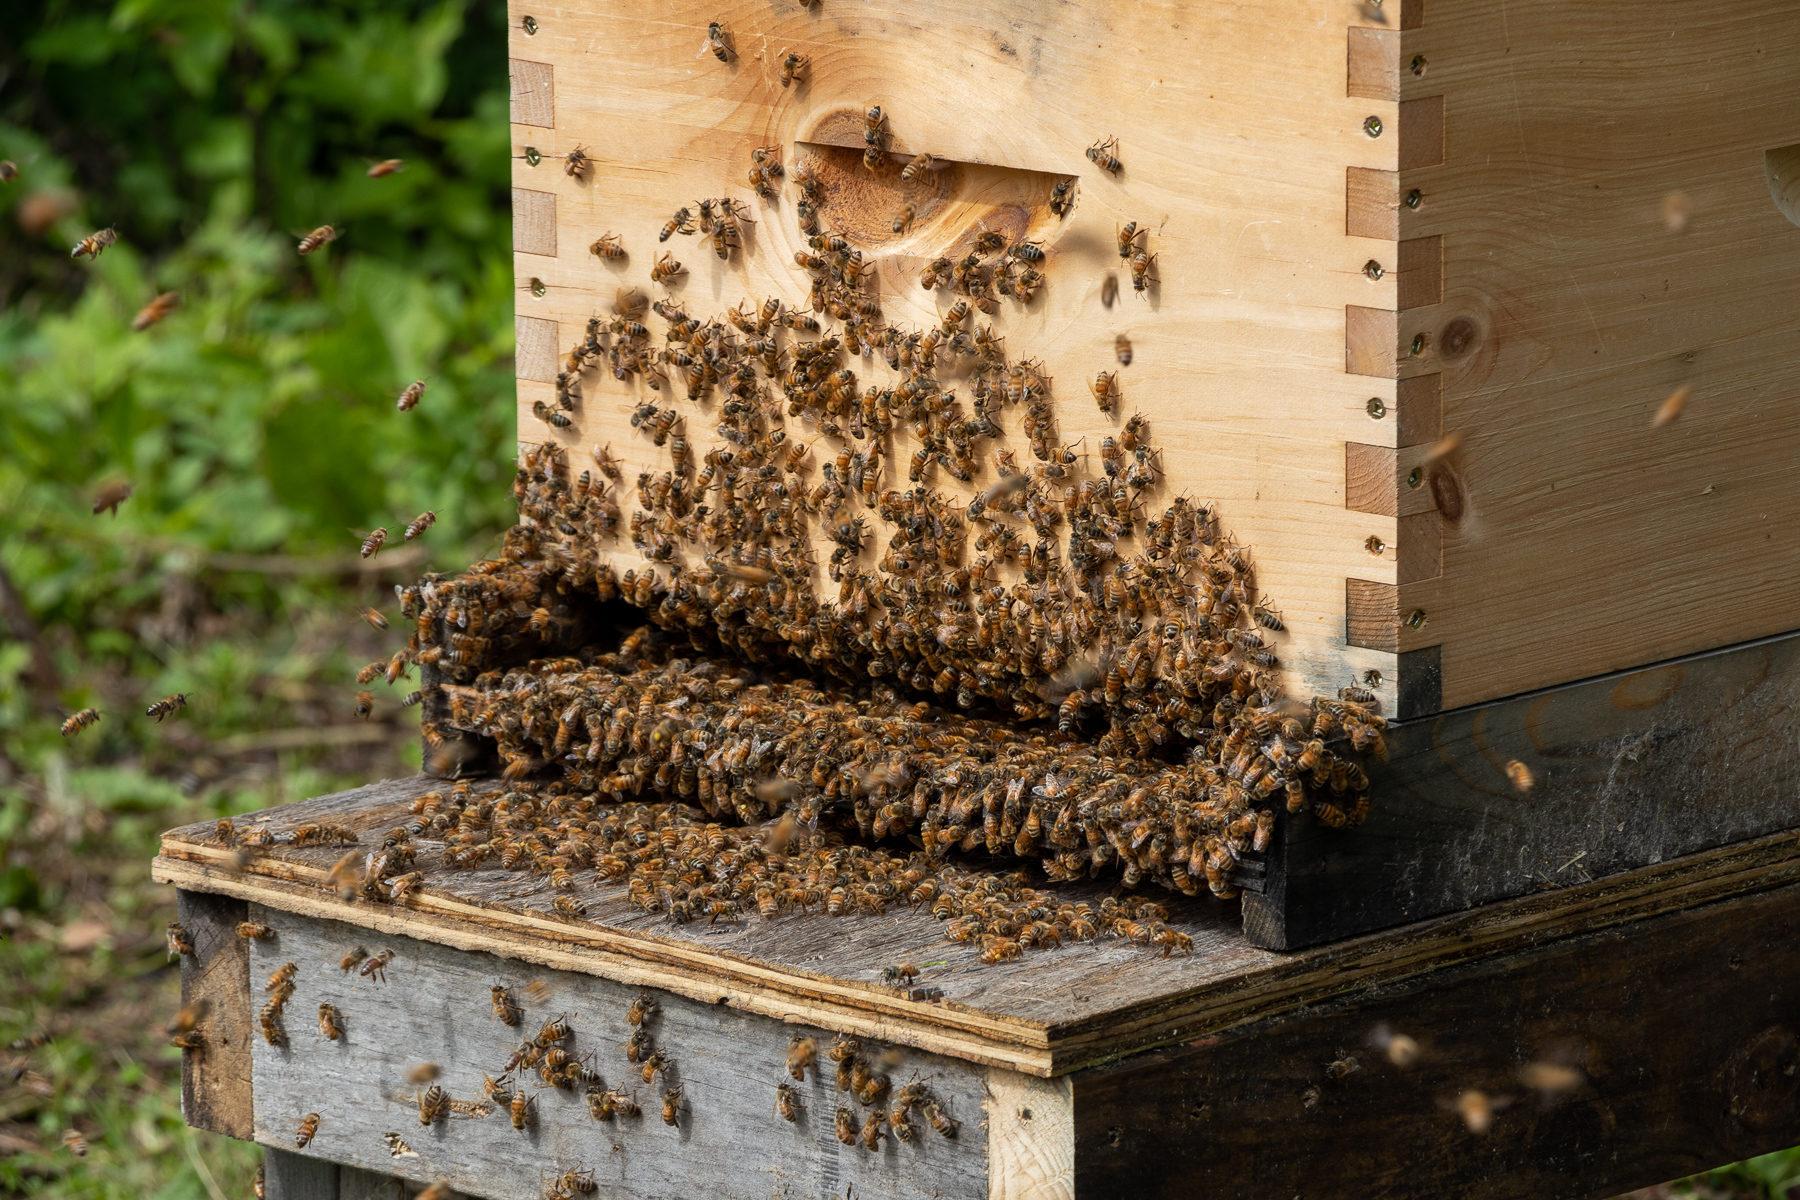 Am Eingang zum Bienenstock herrscht während der Saison Hochbetrieb.